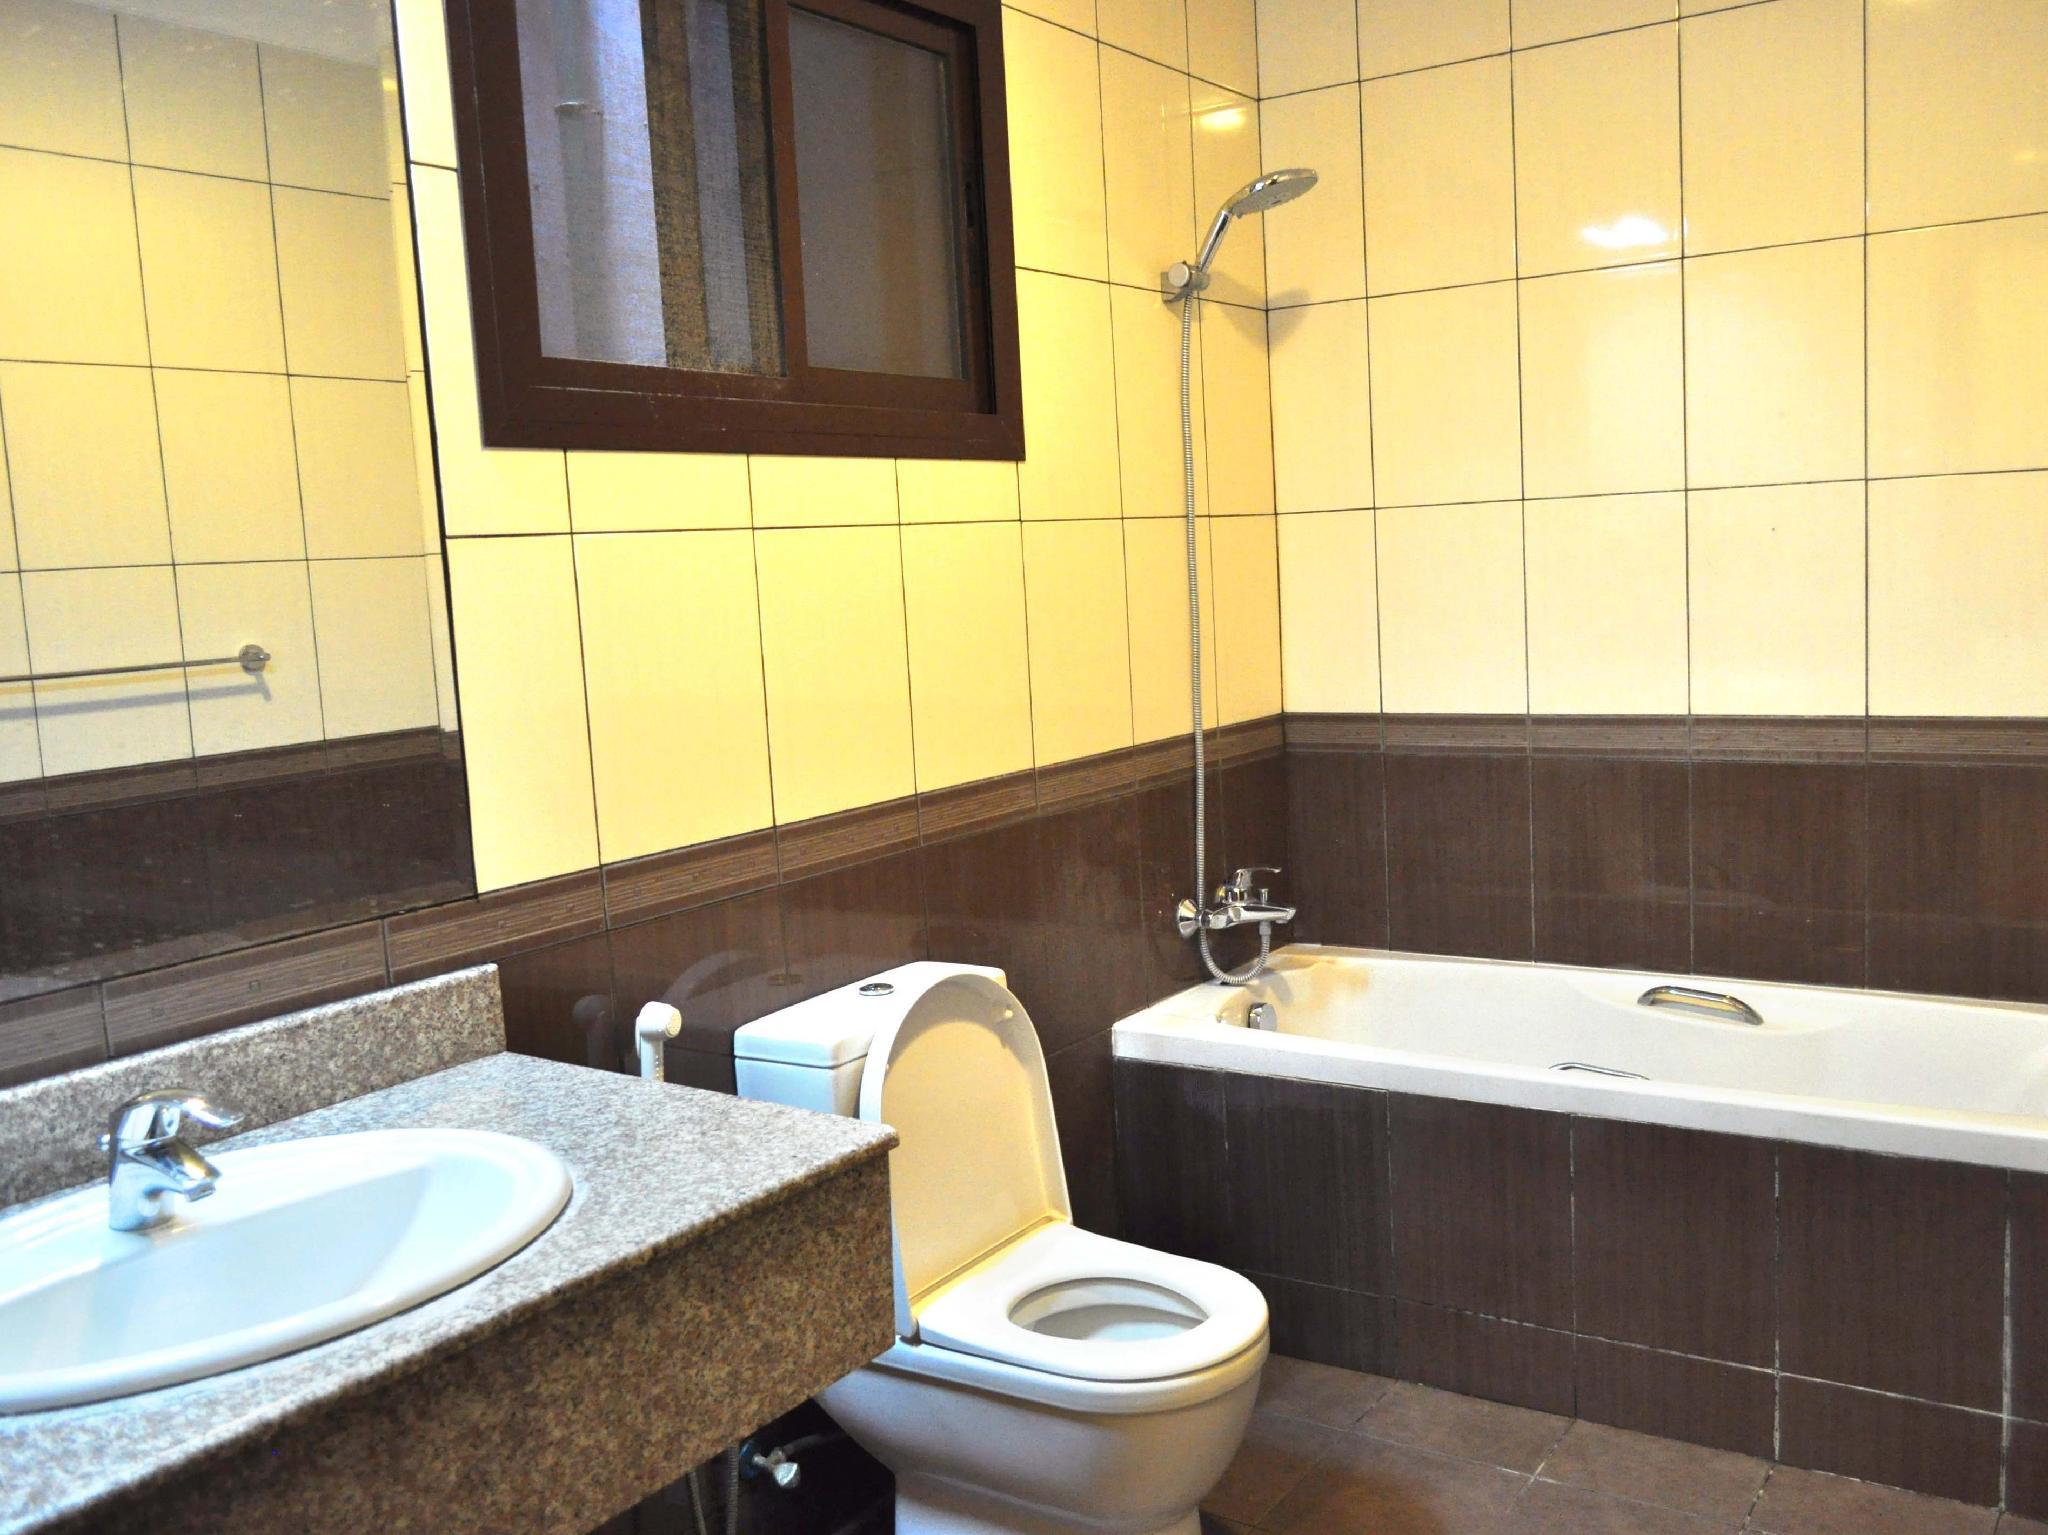 Hotel 1 Bedroom Dupa Villa Sri Wedari - Jalan Sri Wedari - Bali